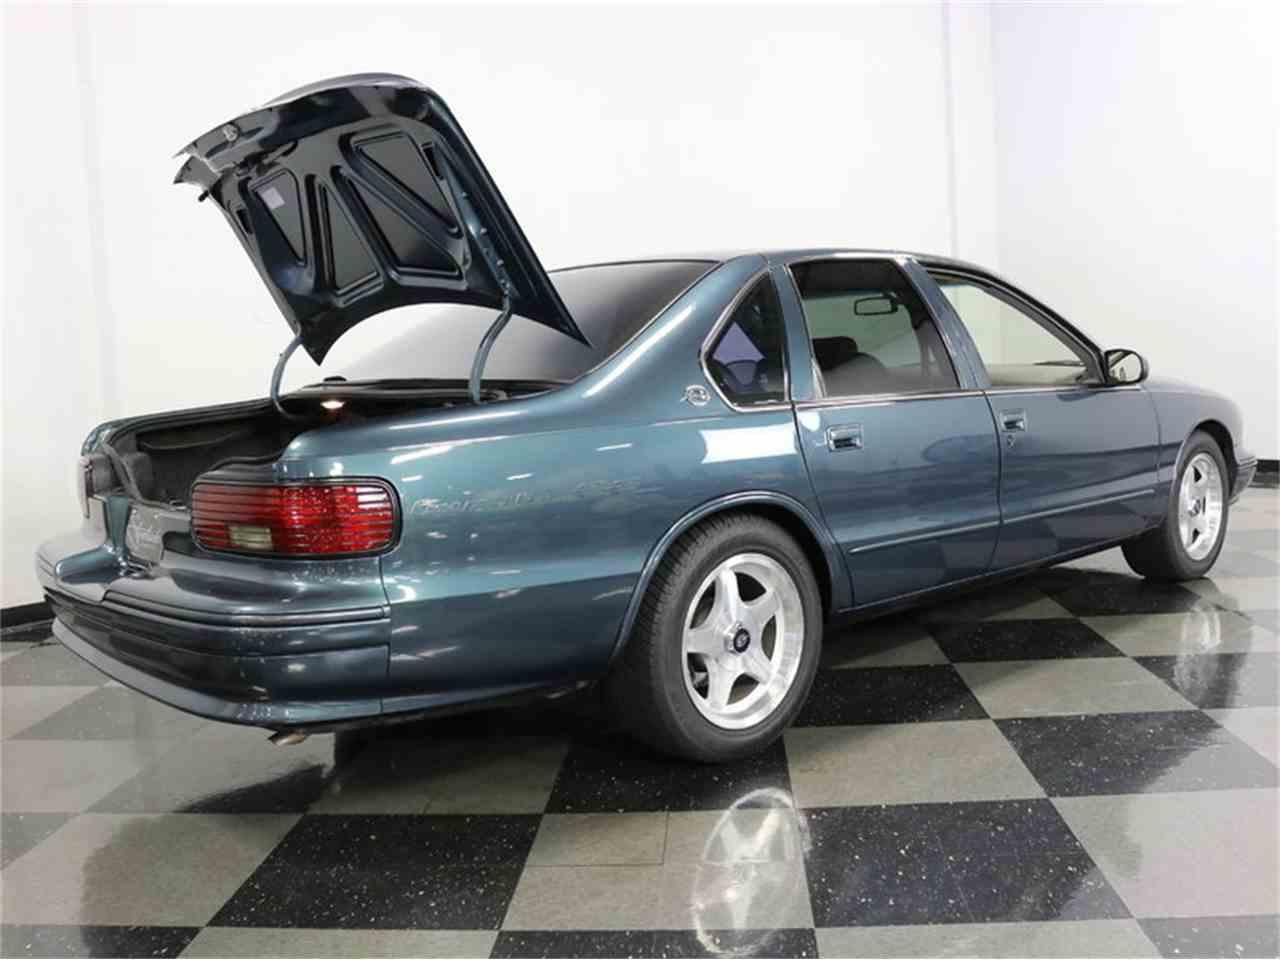 1996 Chevrolet Impala SS for Sale | ClassicCars.com | CC ...